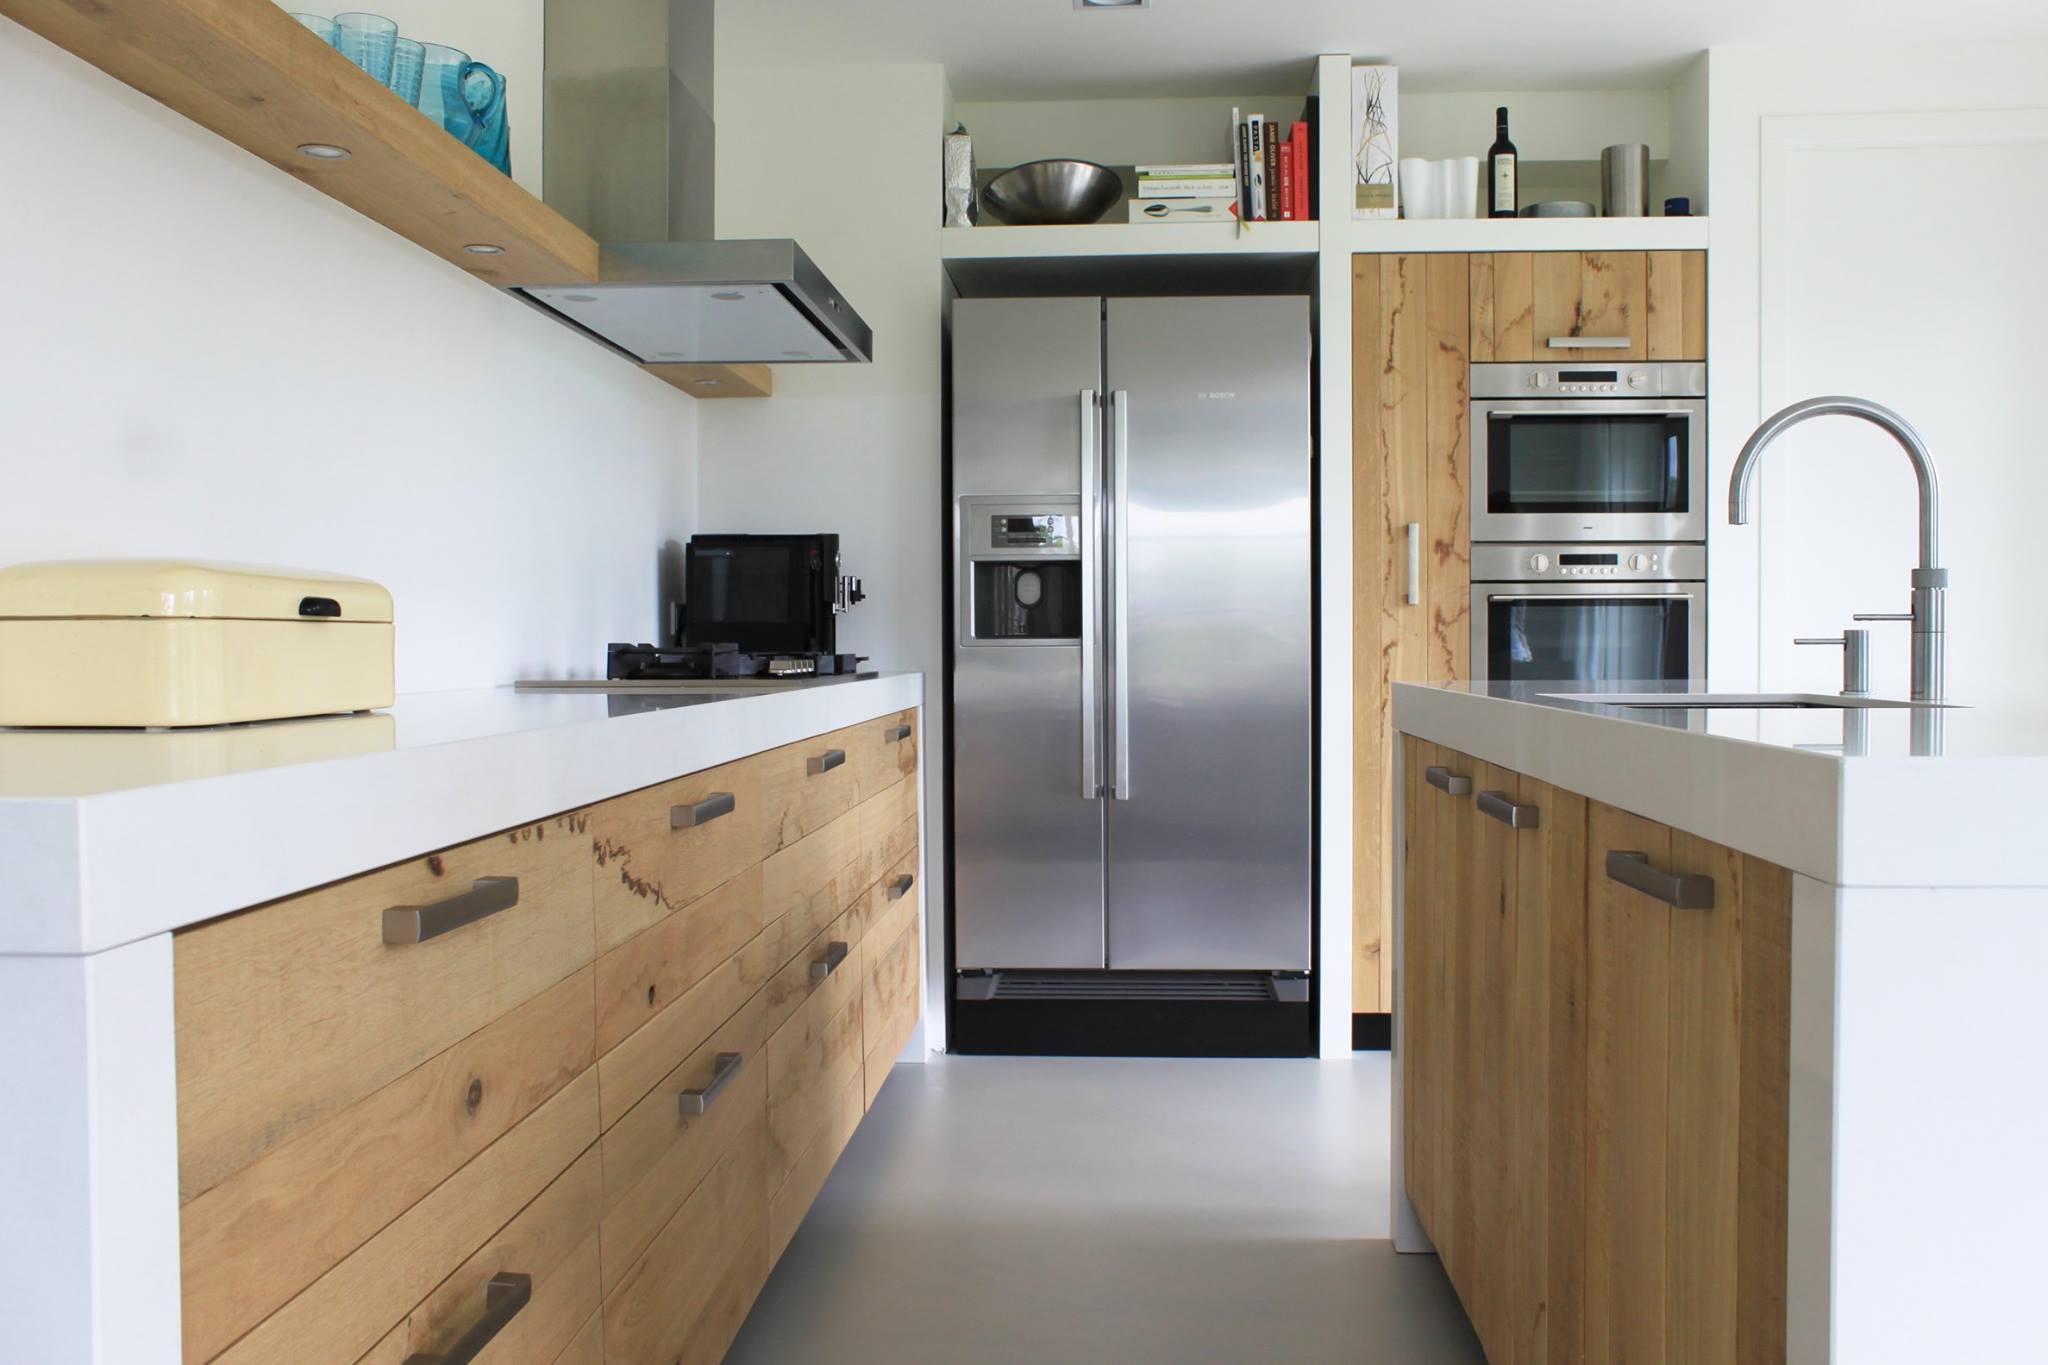 Moderne ruw eiken houten keukens met wit keukenblad nieuws startpagina voor keuken idee n uw - Hout en witte keuken ...